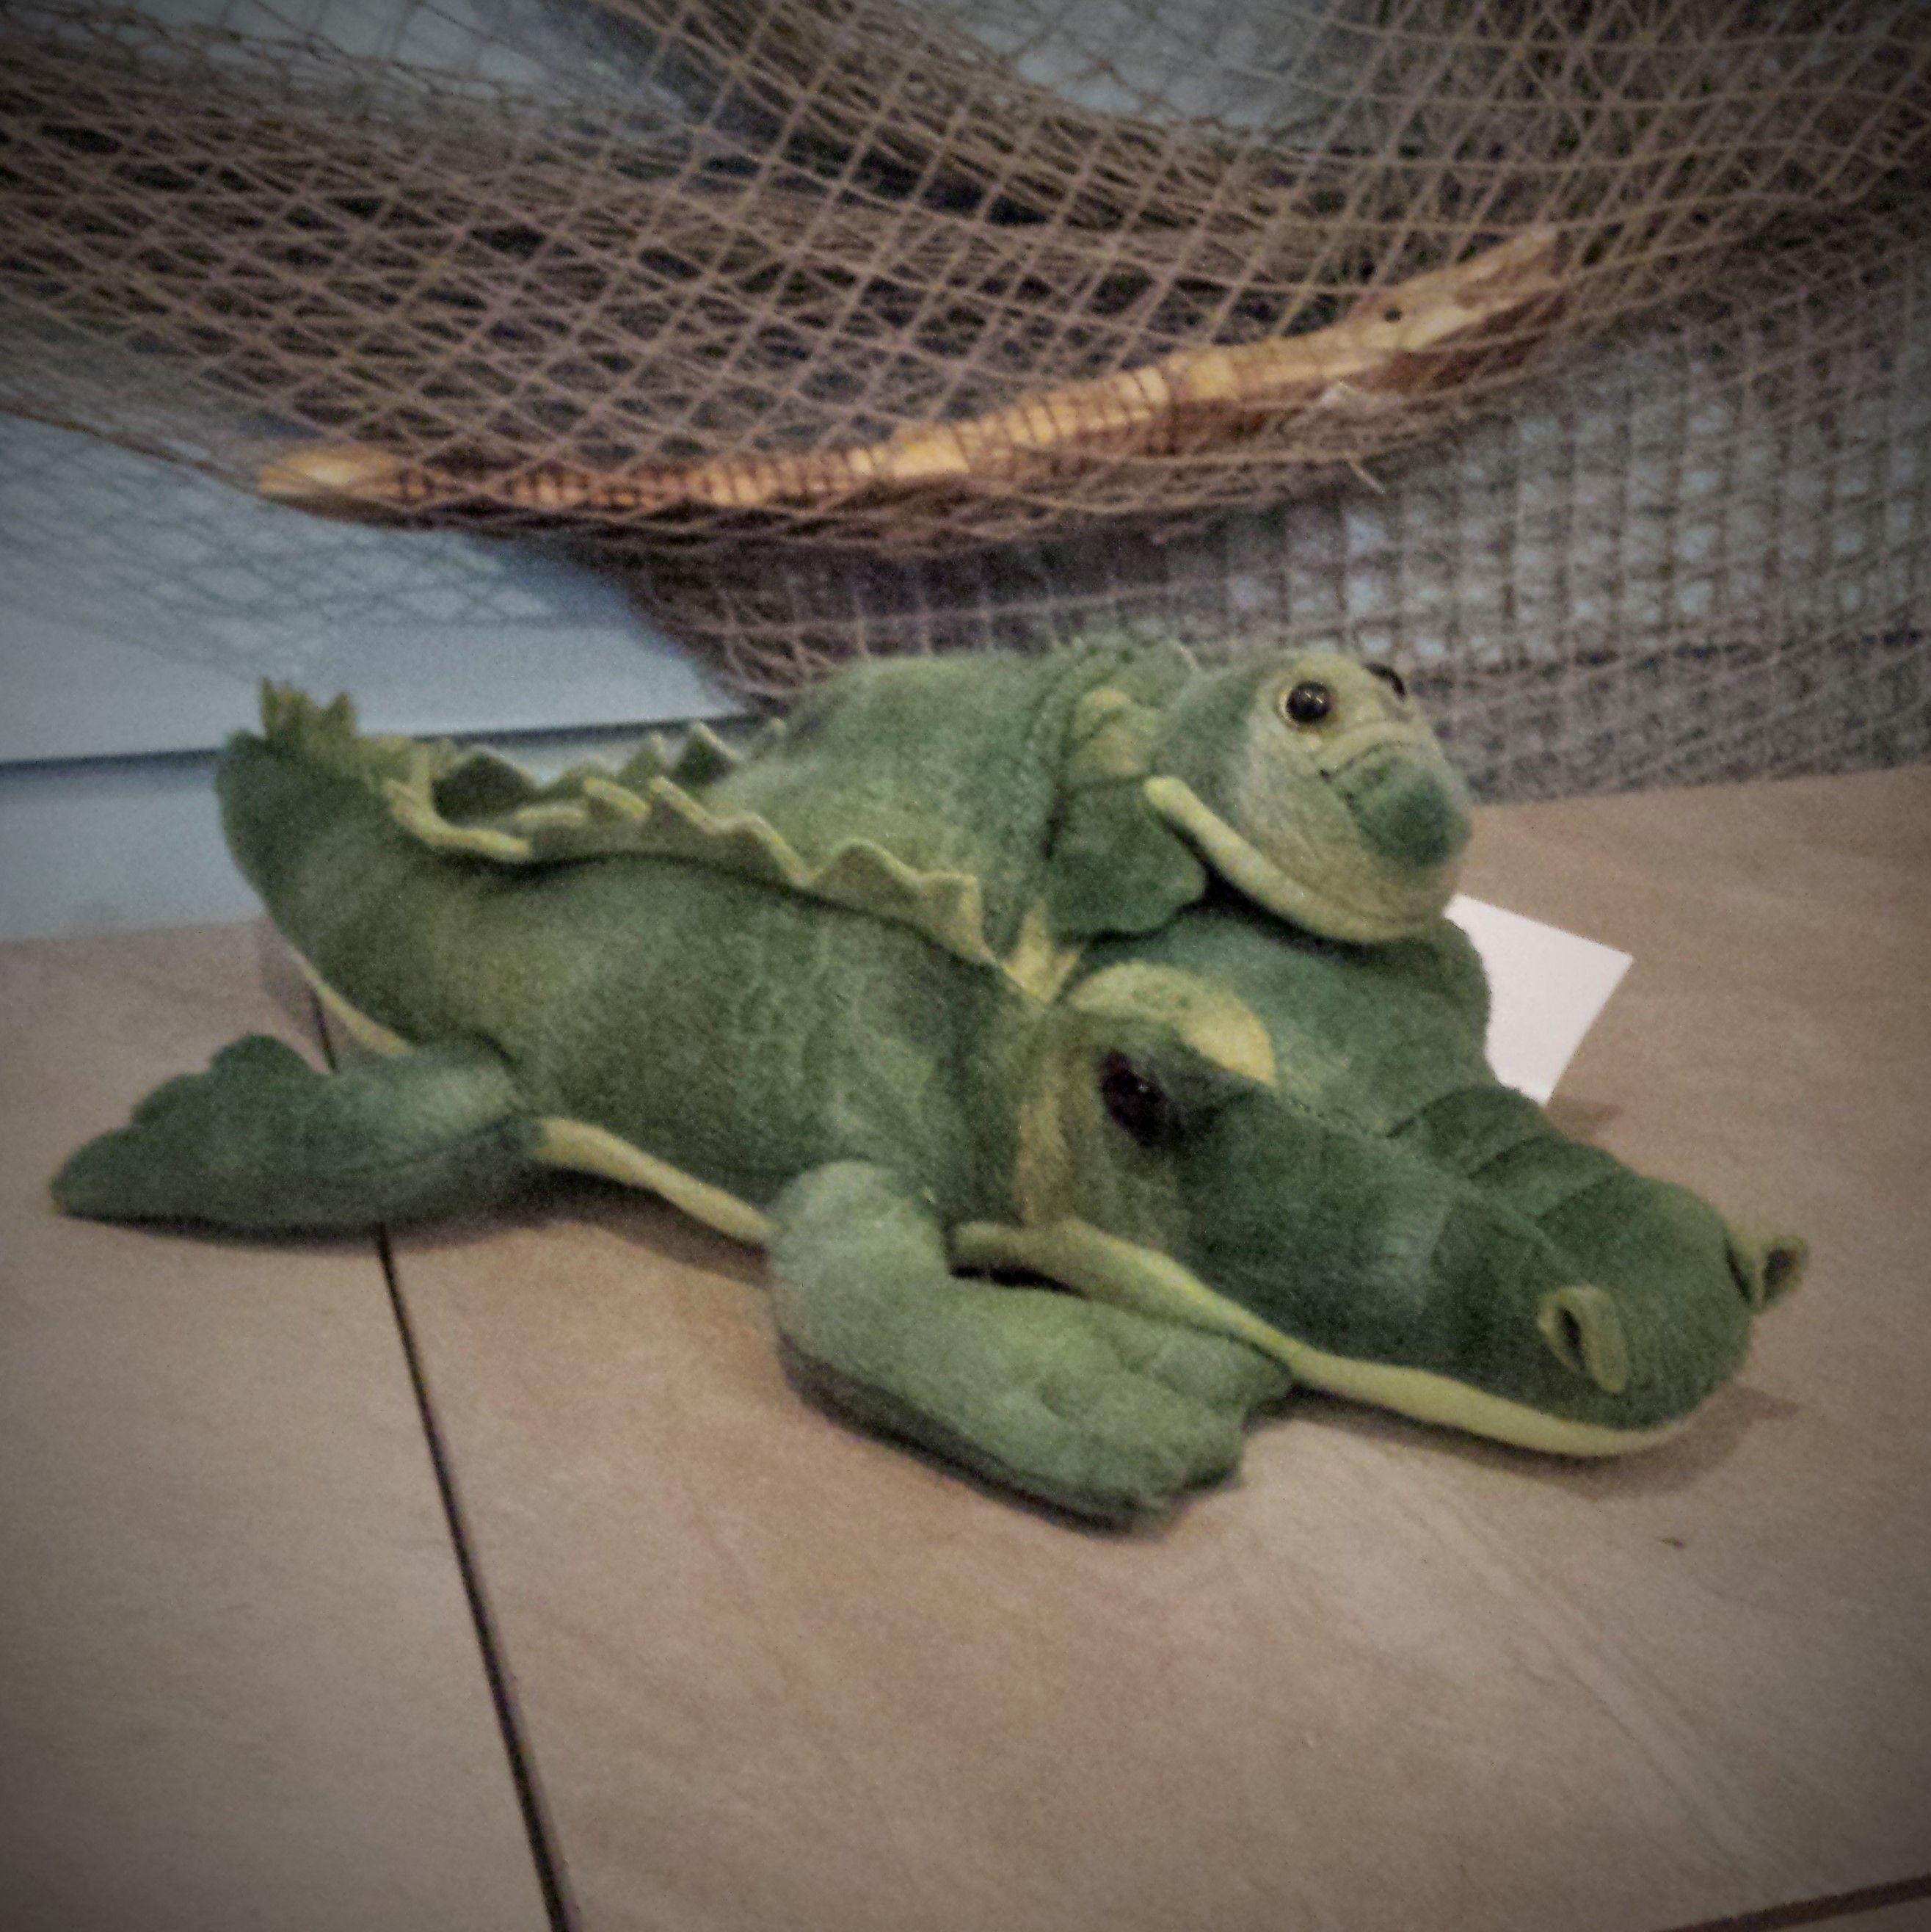 Baby Gator Plush